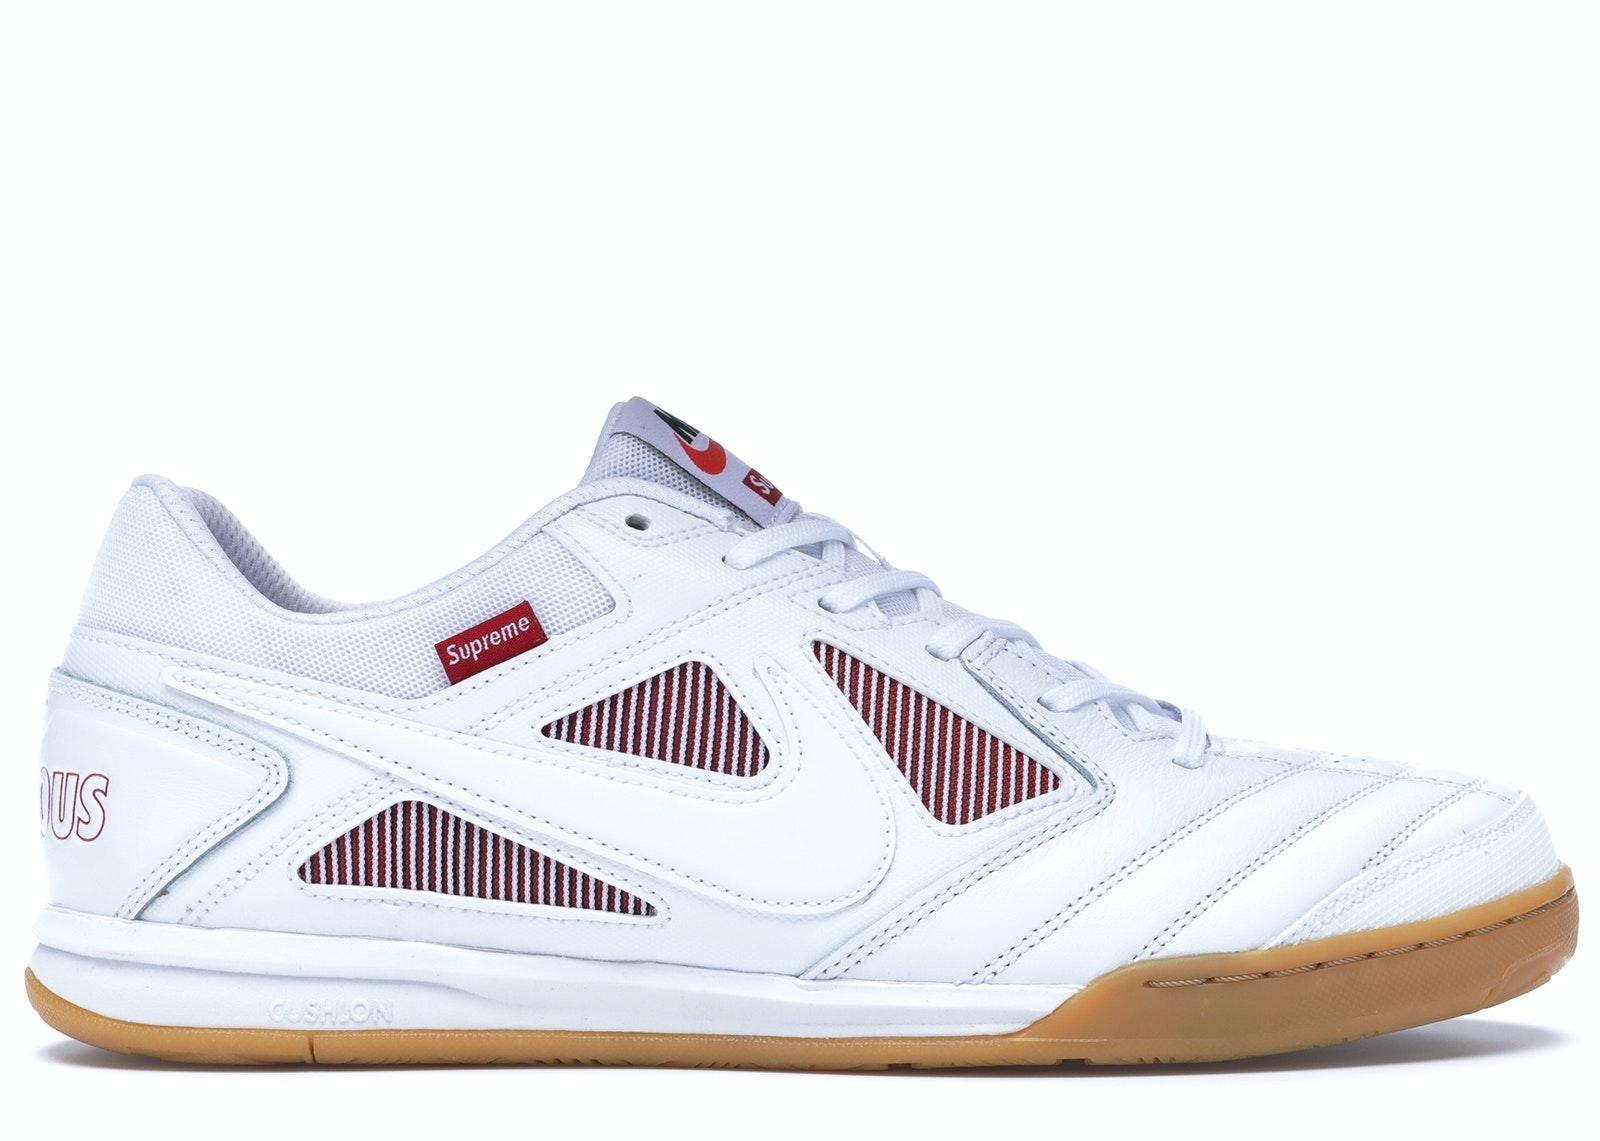 Nike SB Gato Supreme White